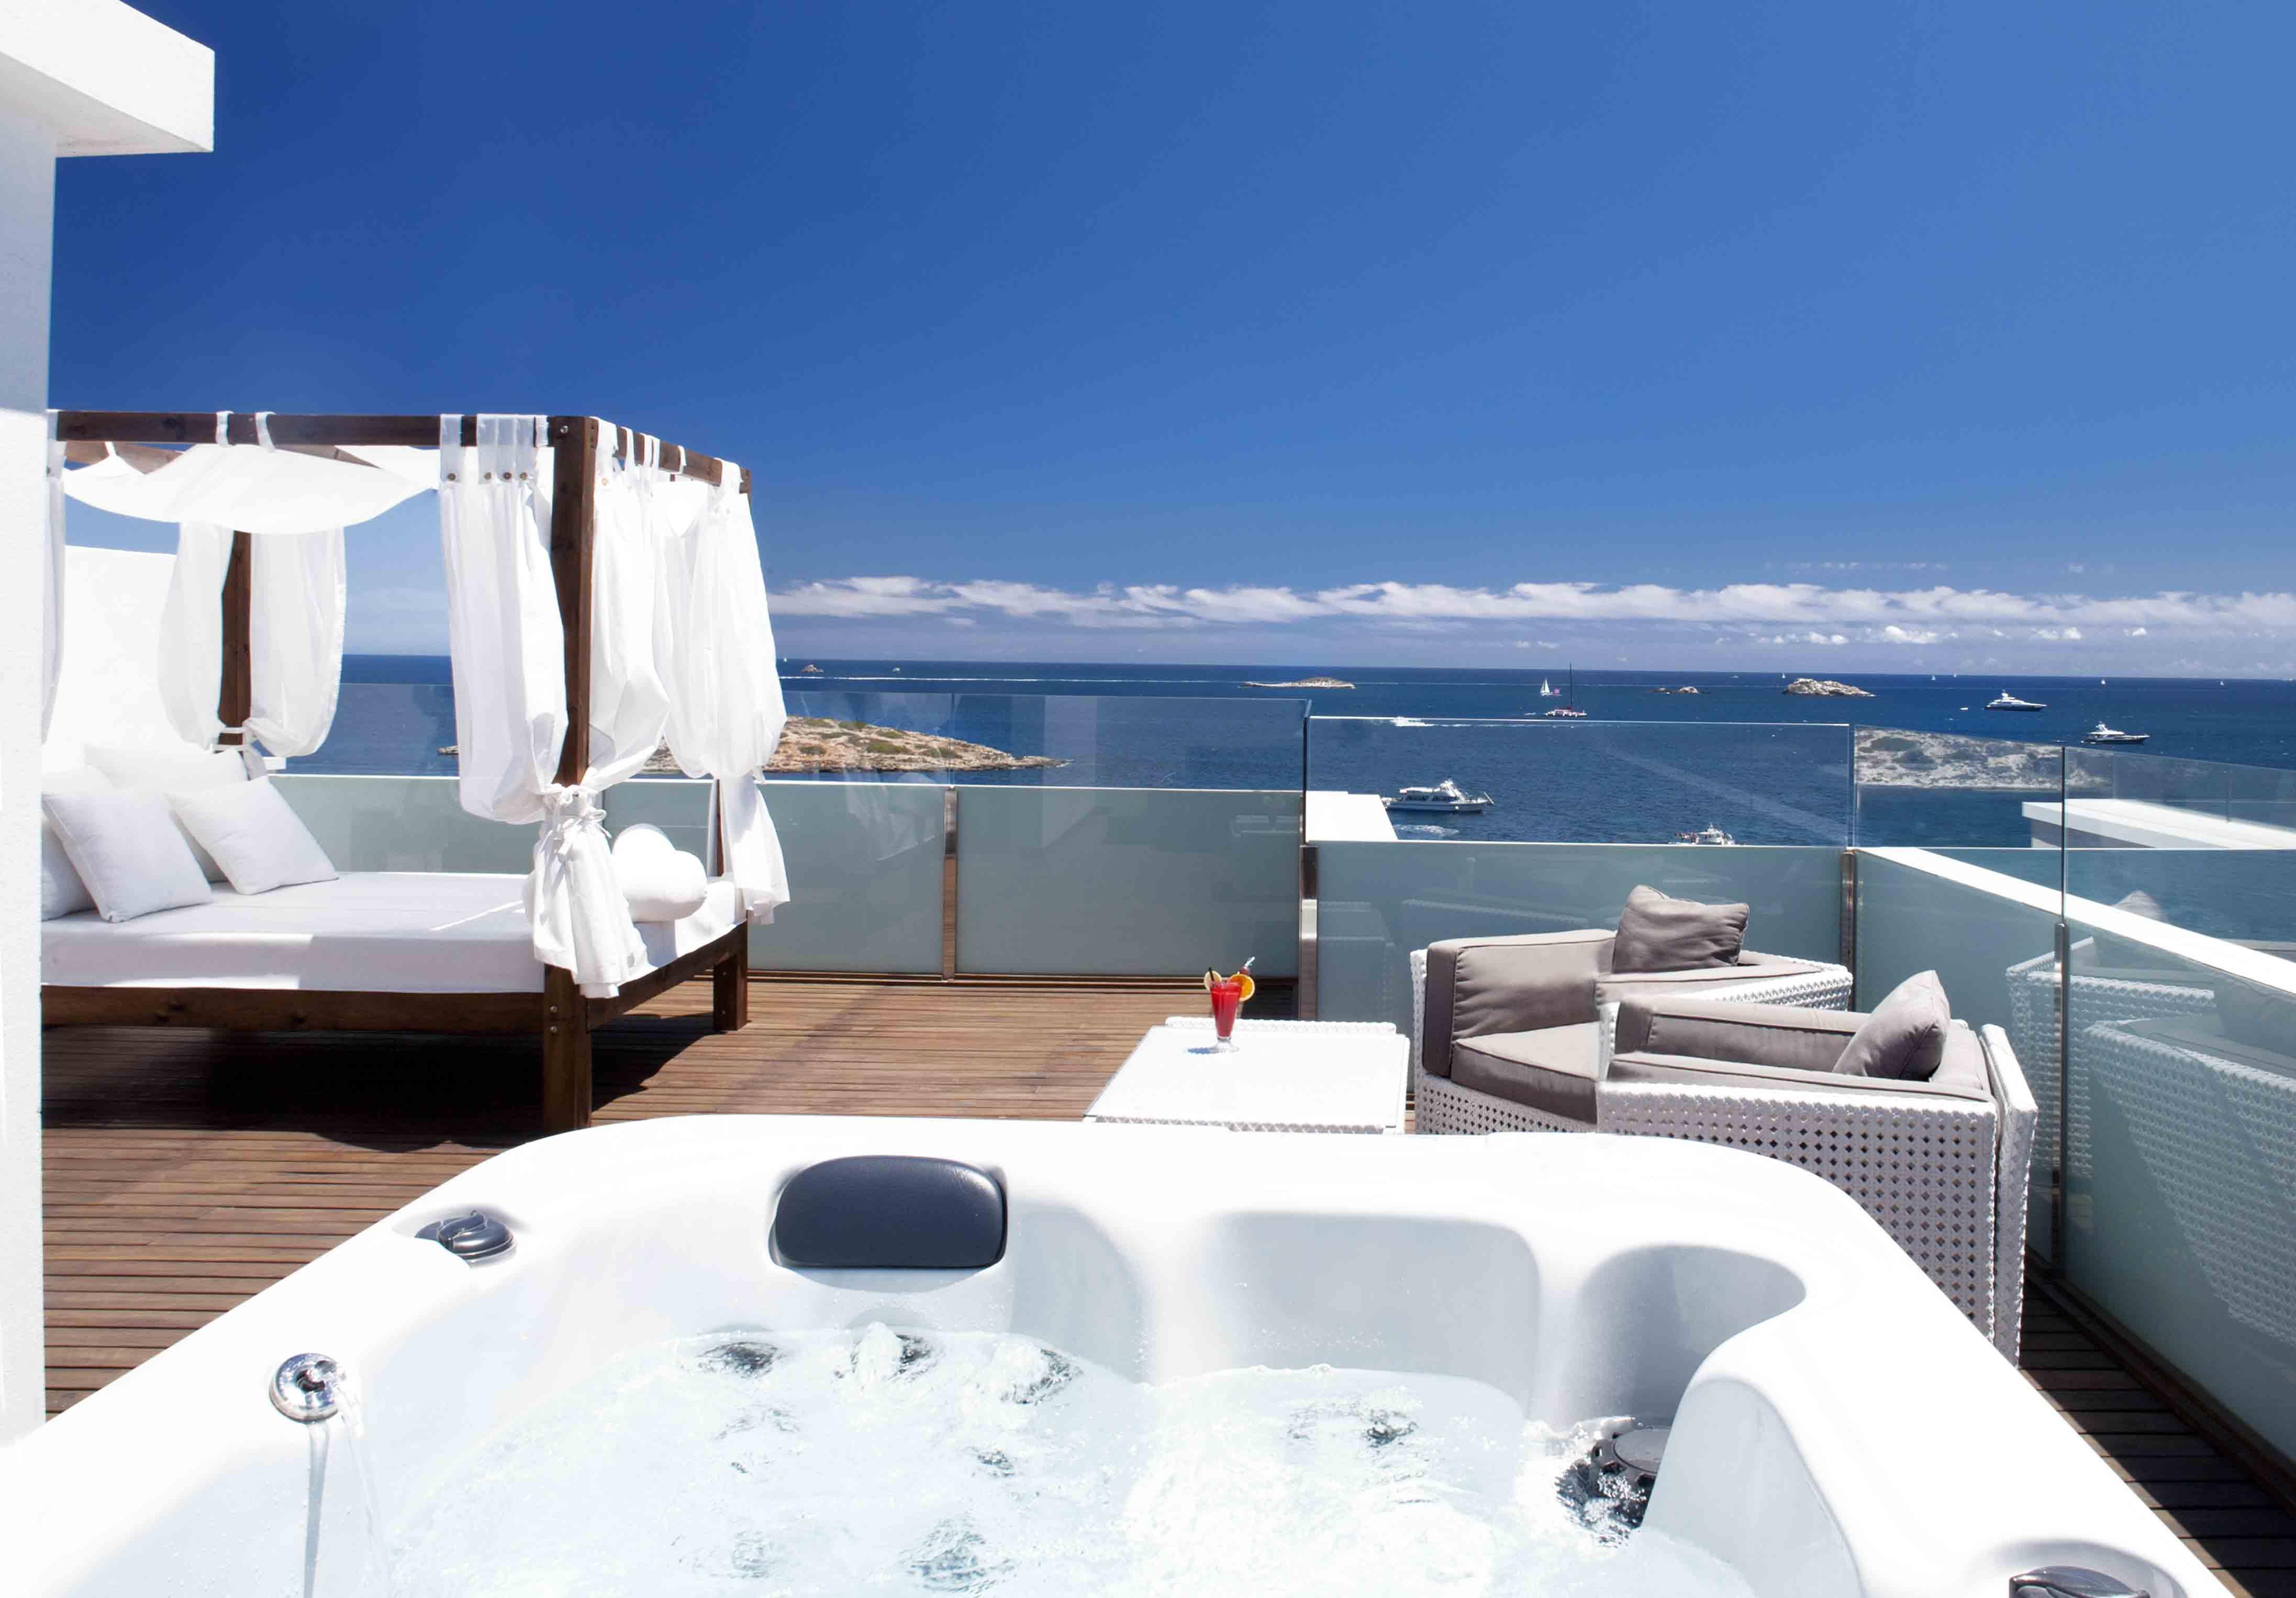 Hotel en Ibiza con jacuzzi exterior